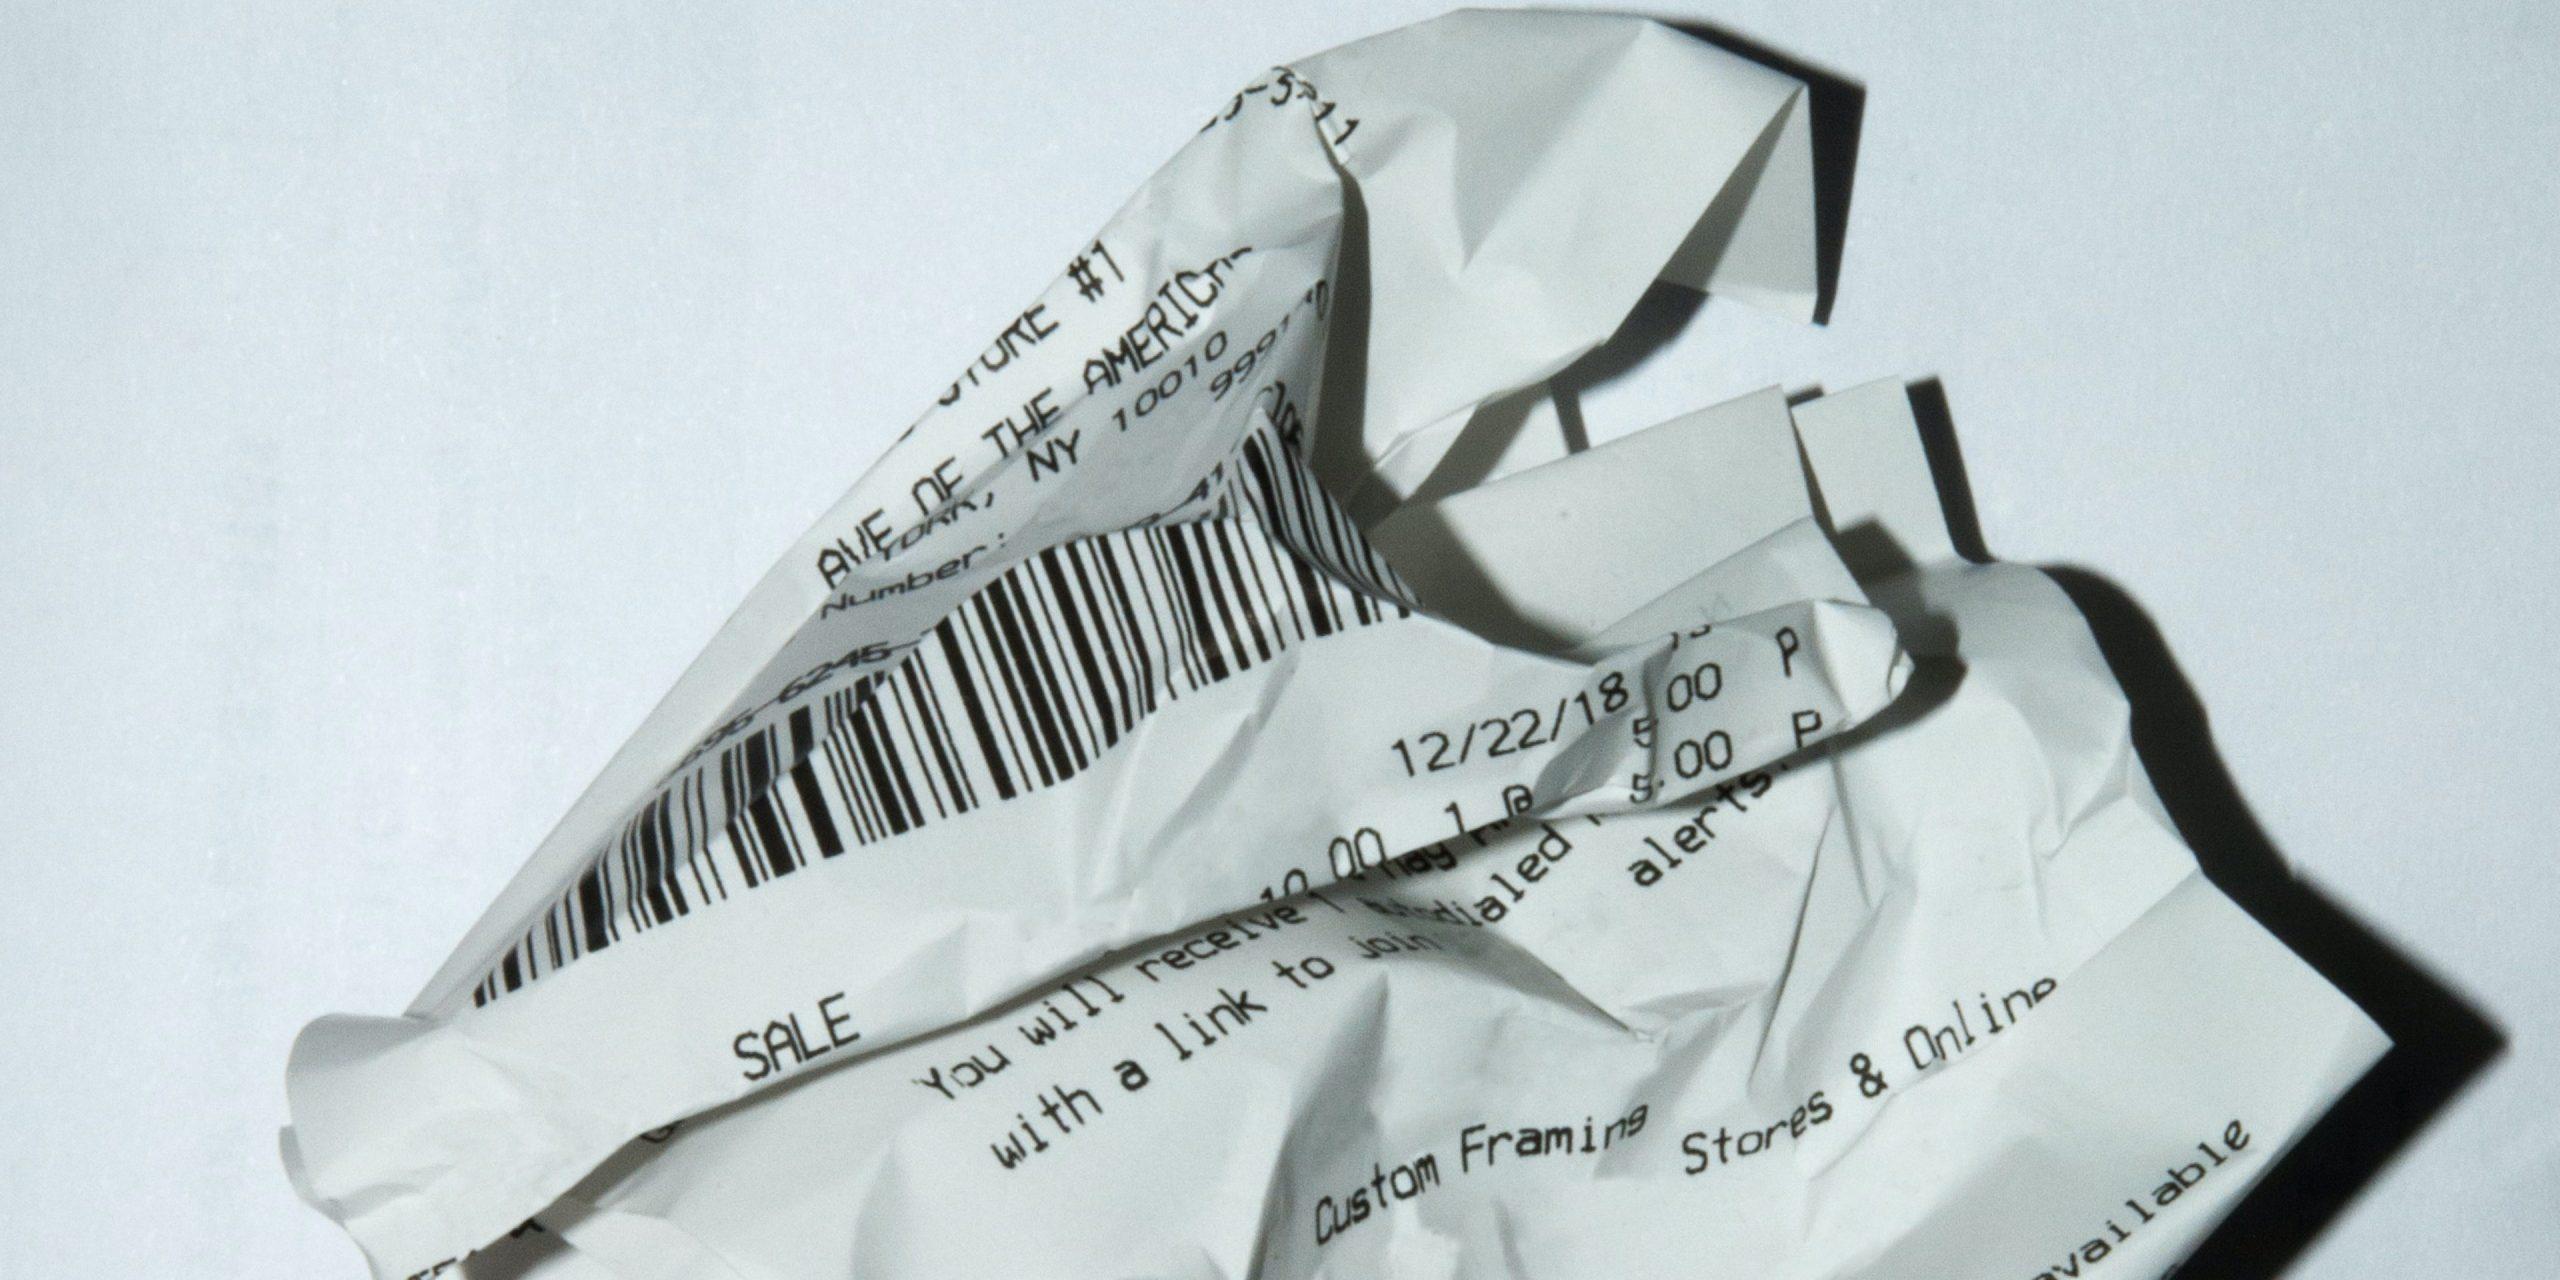 ФНС разрабатывает сервис для хранения электронных чеков